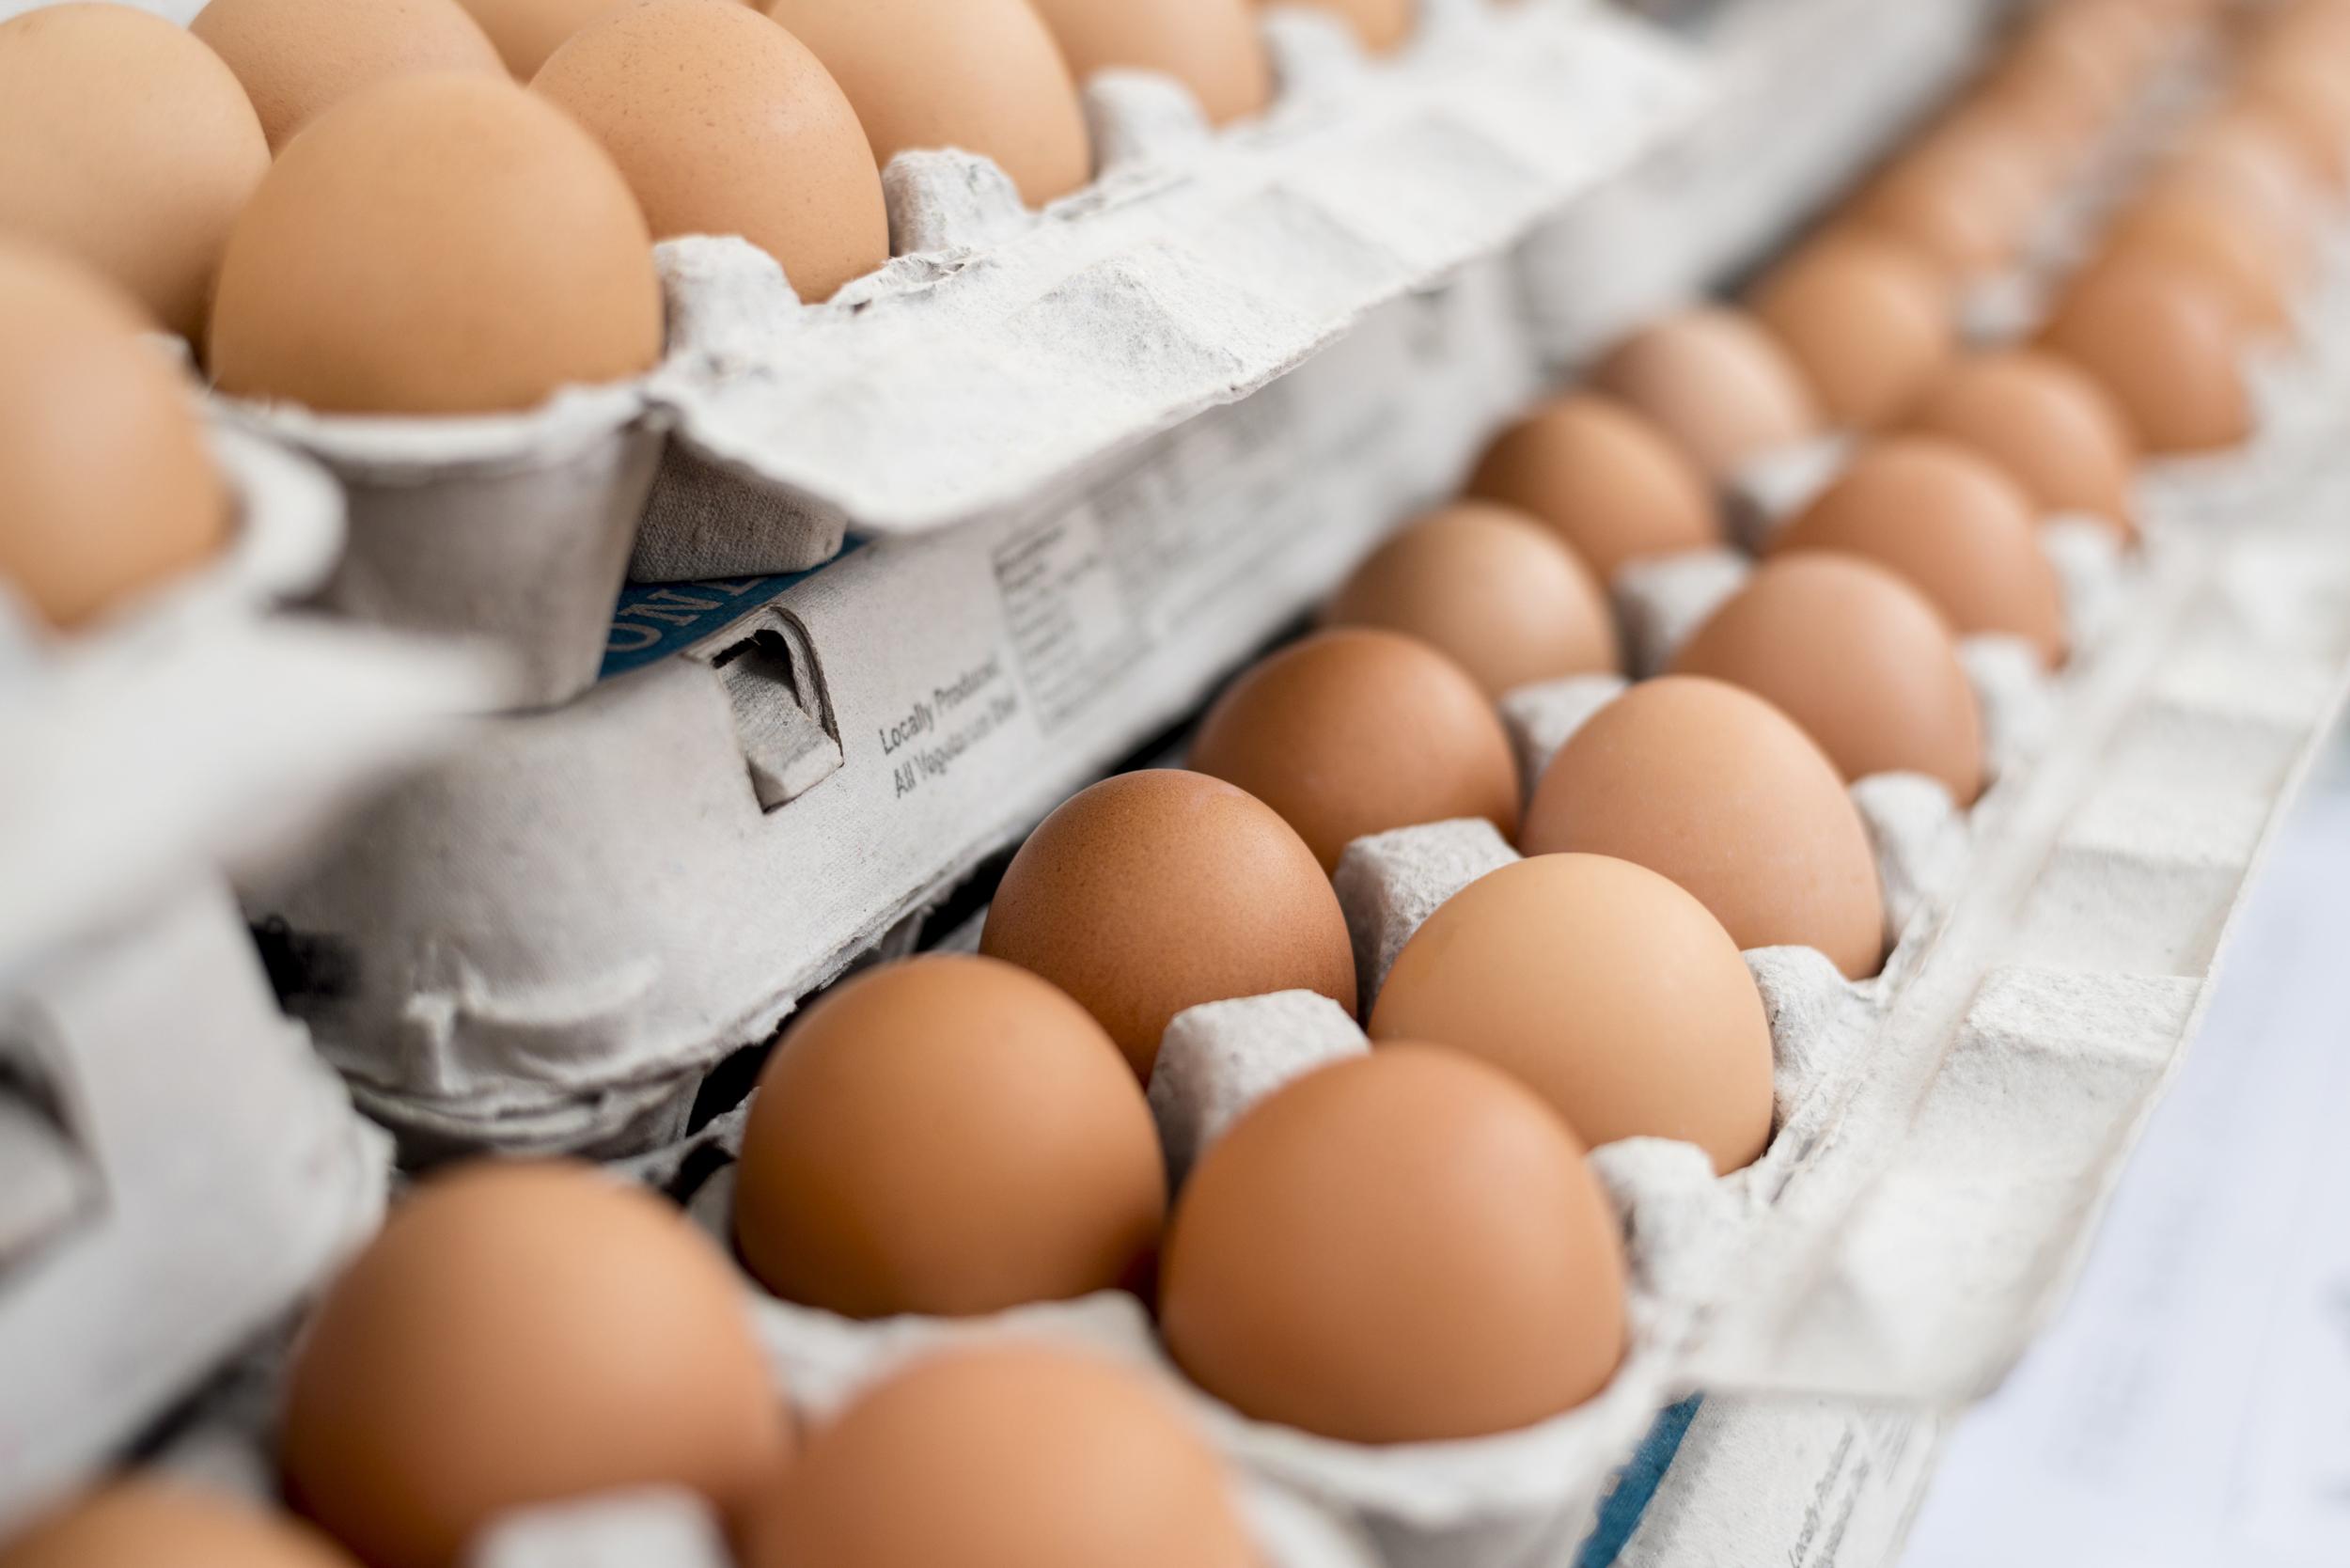 Egg Recall 2020 List.Salmonella Outbreak In Eggs Sickens A Dozen More People In